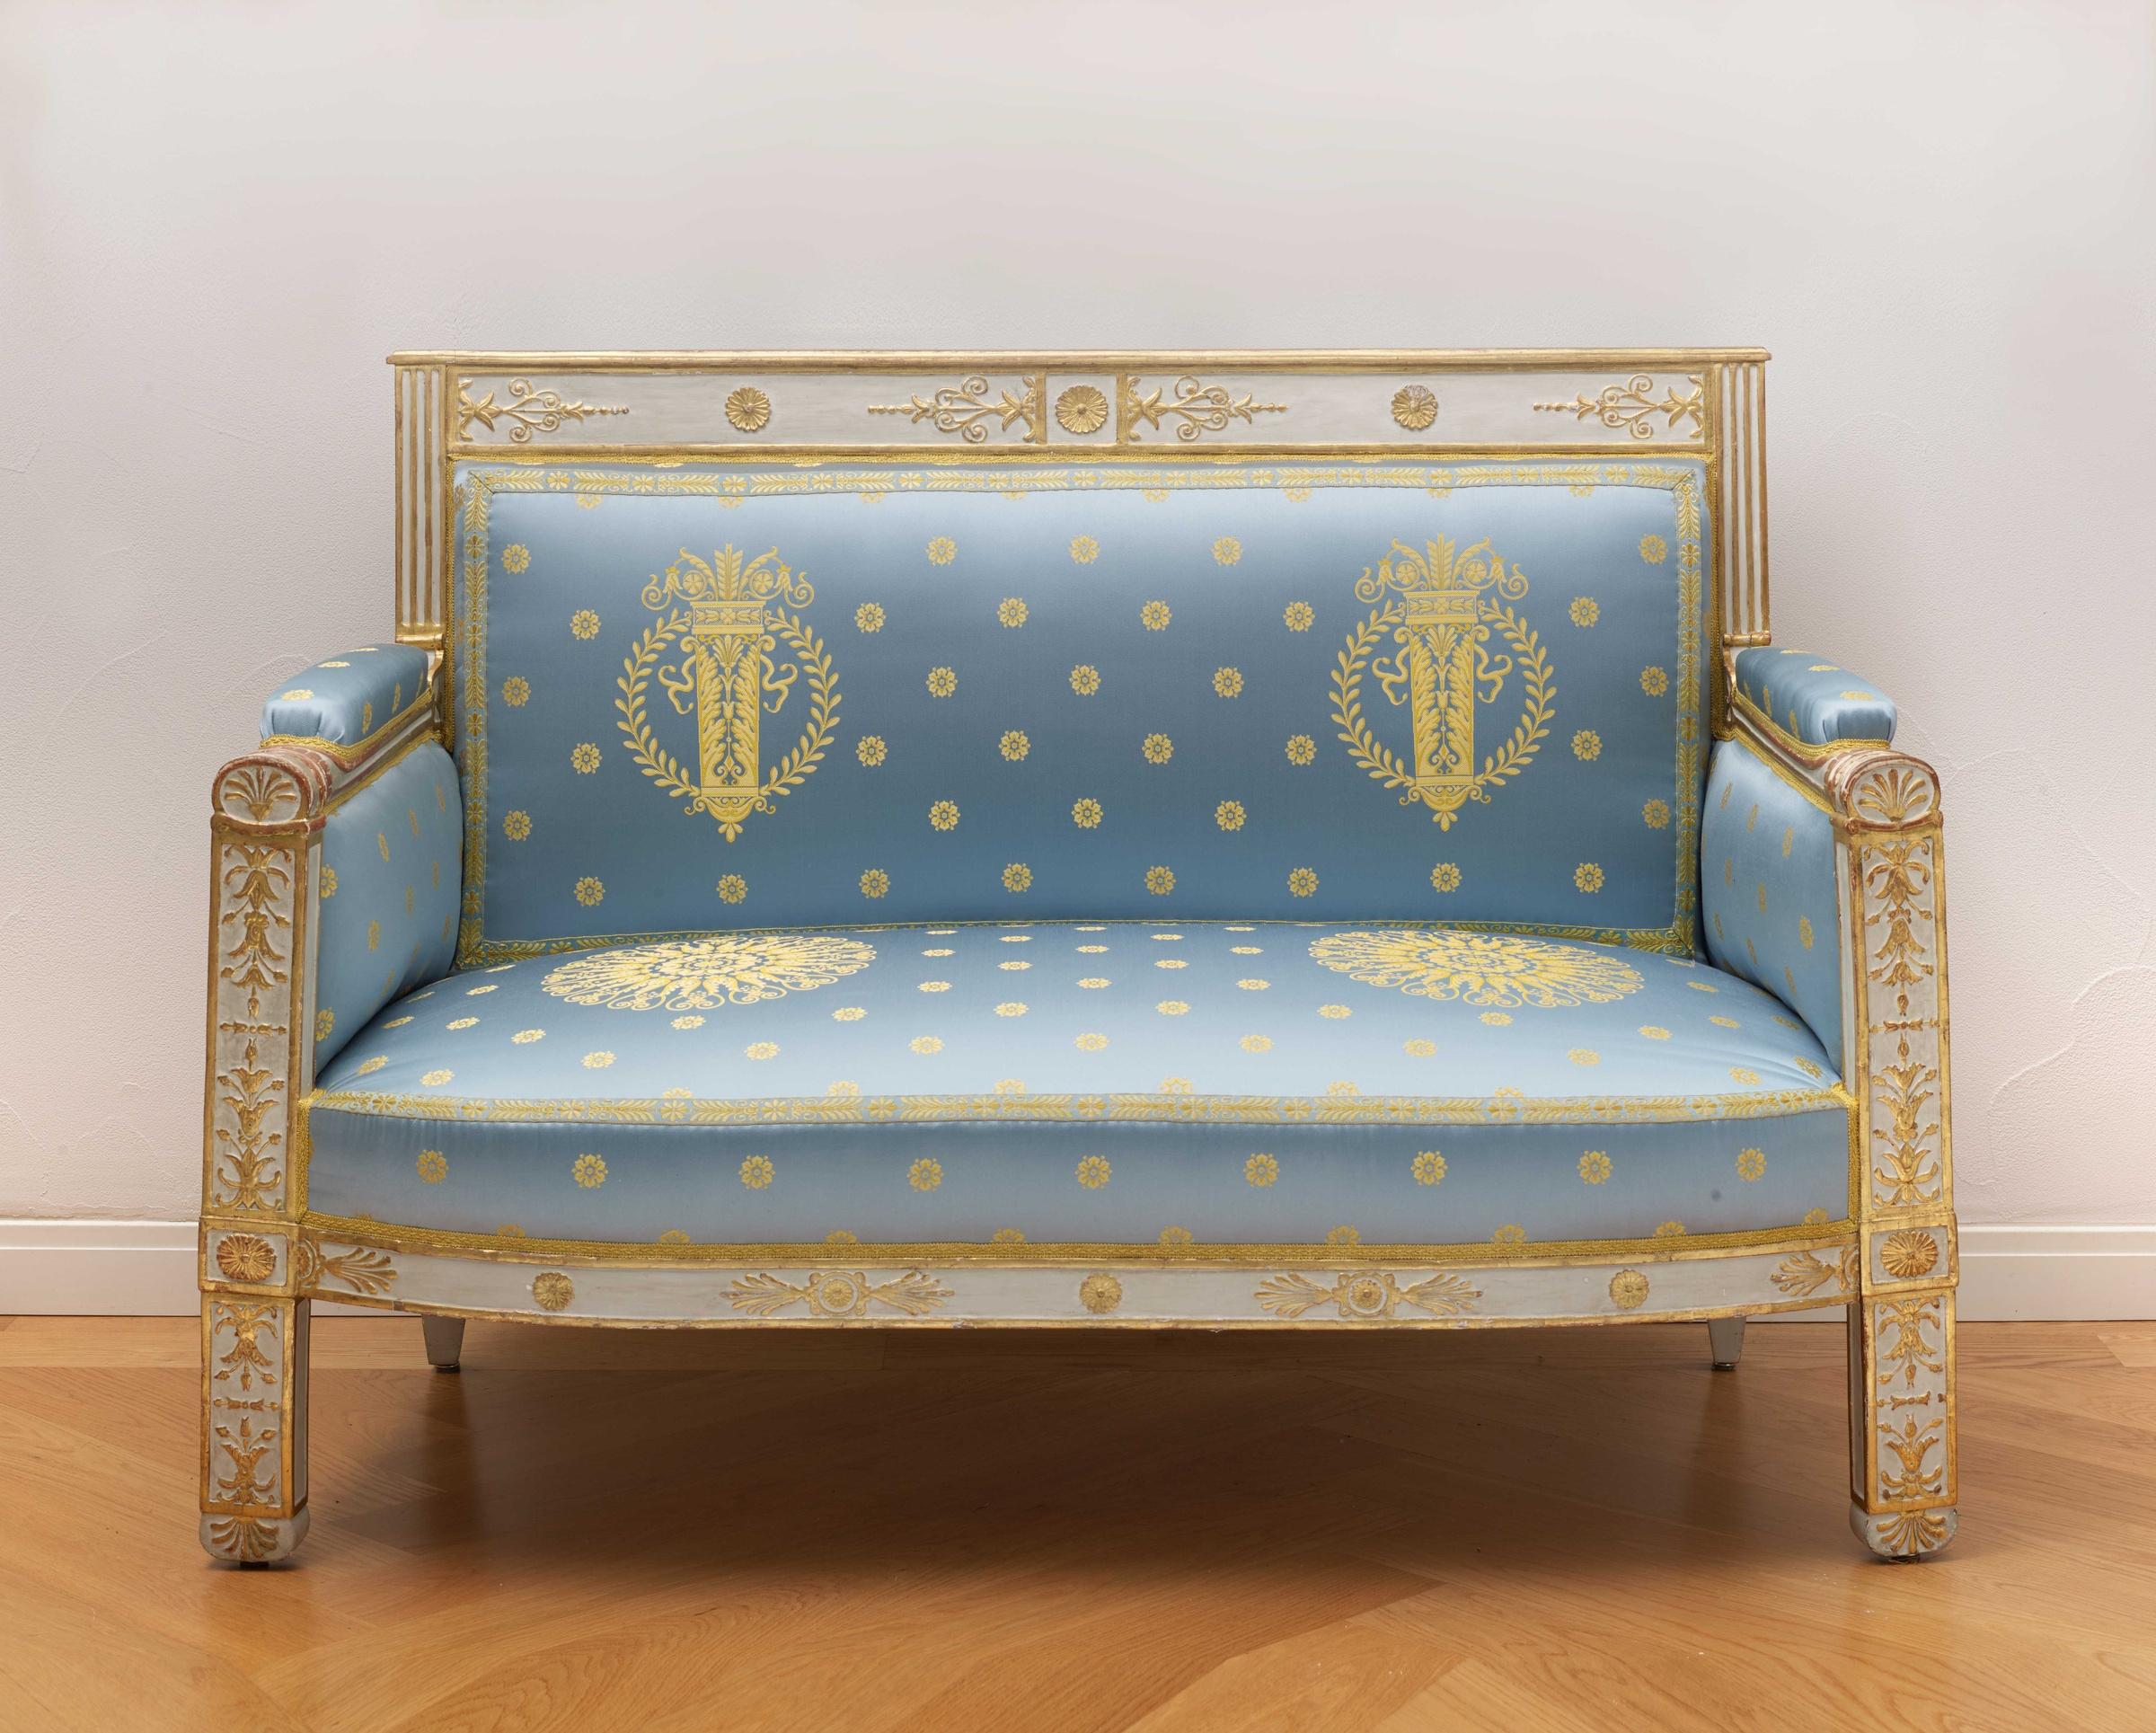 Canapé Ancien Louis Philippe Élégant Images Pierre Gaston Brion attributed to A Set Of Empire Furniture